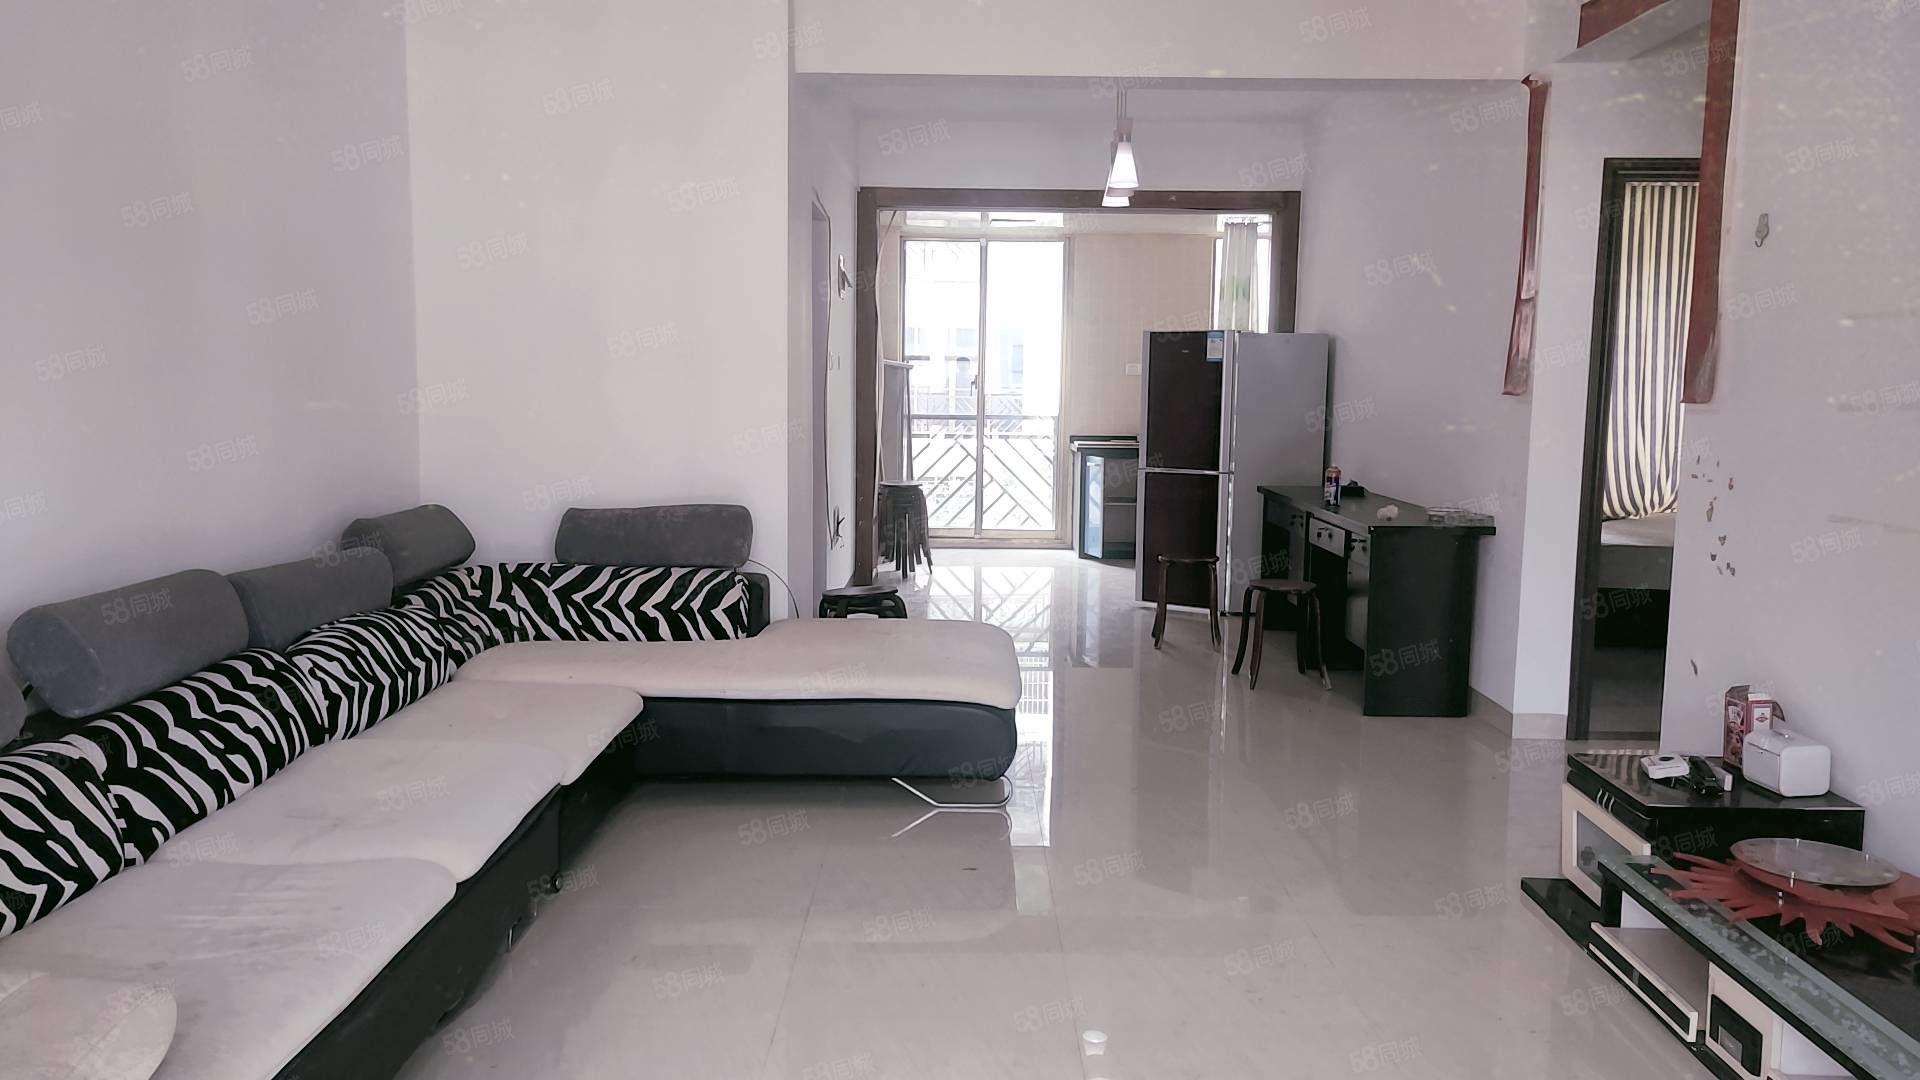 景成花半里两房两厅全新装修出租,家具家电齐全,拎包入住